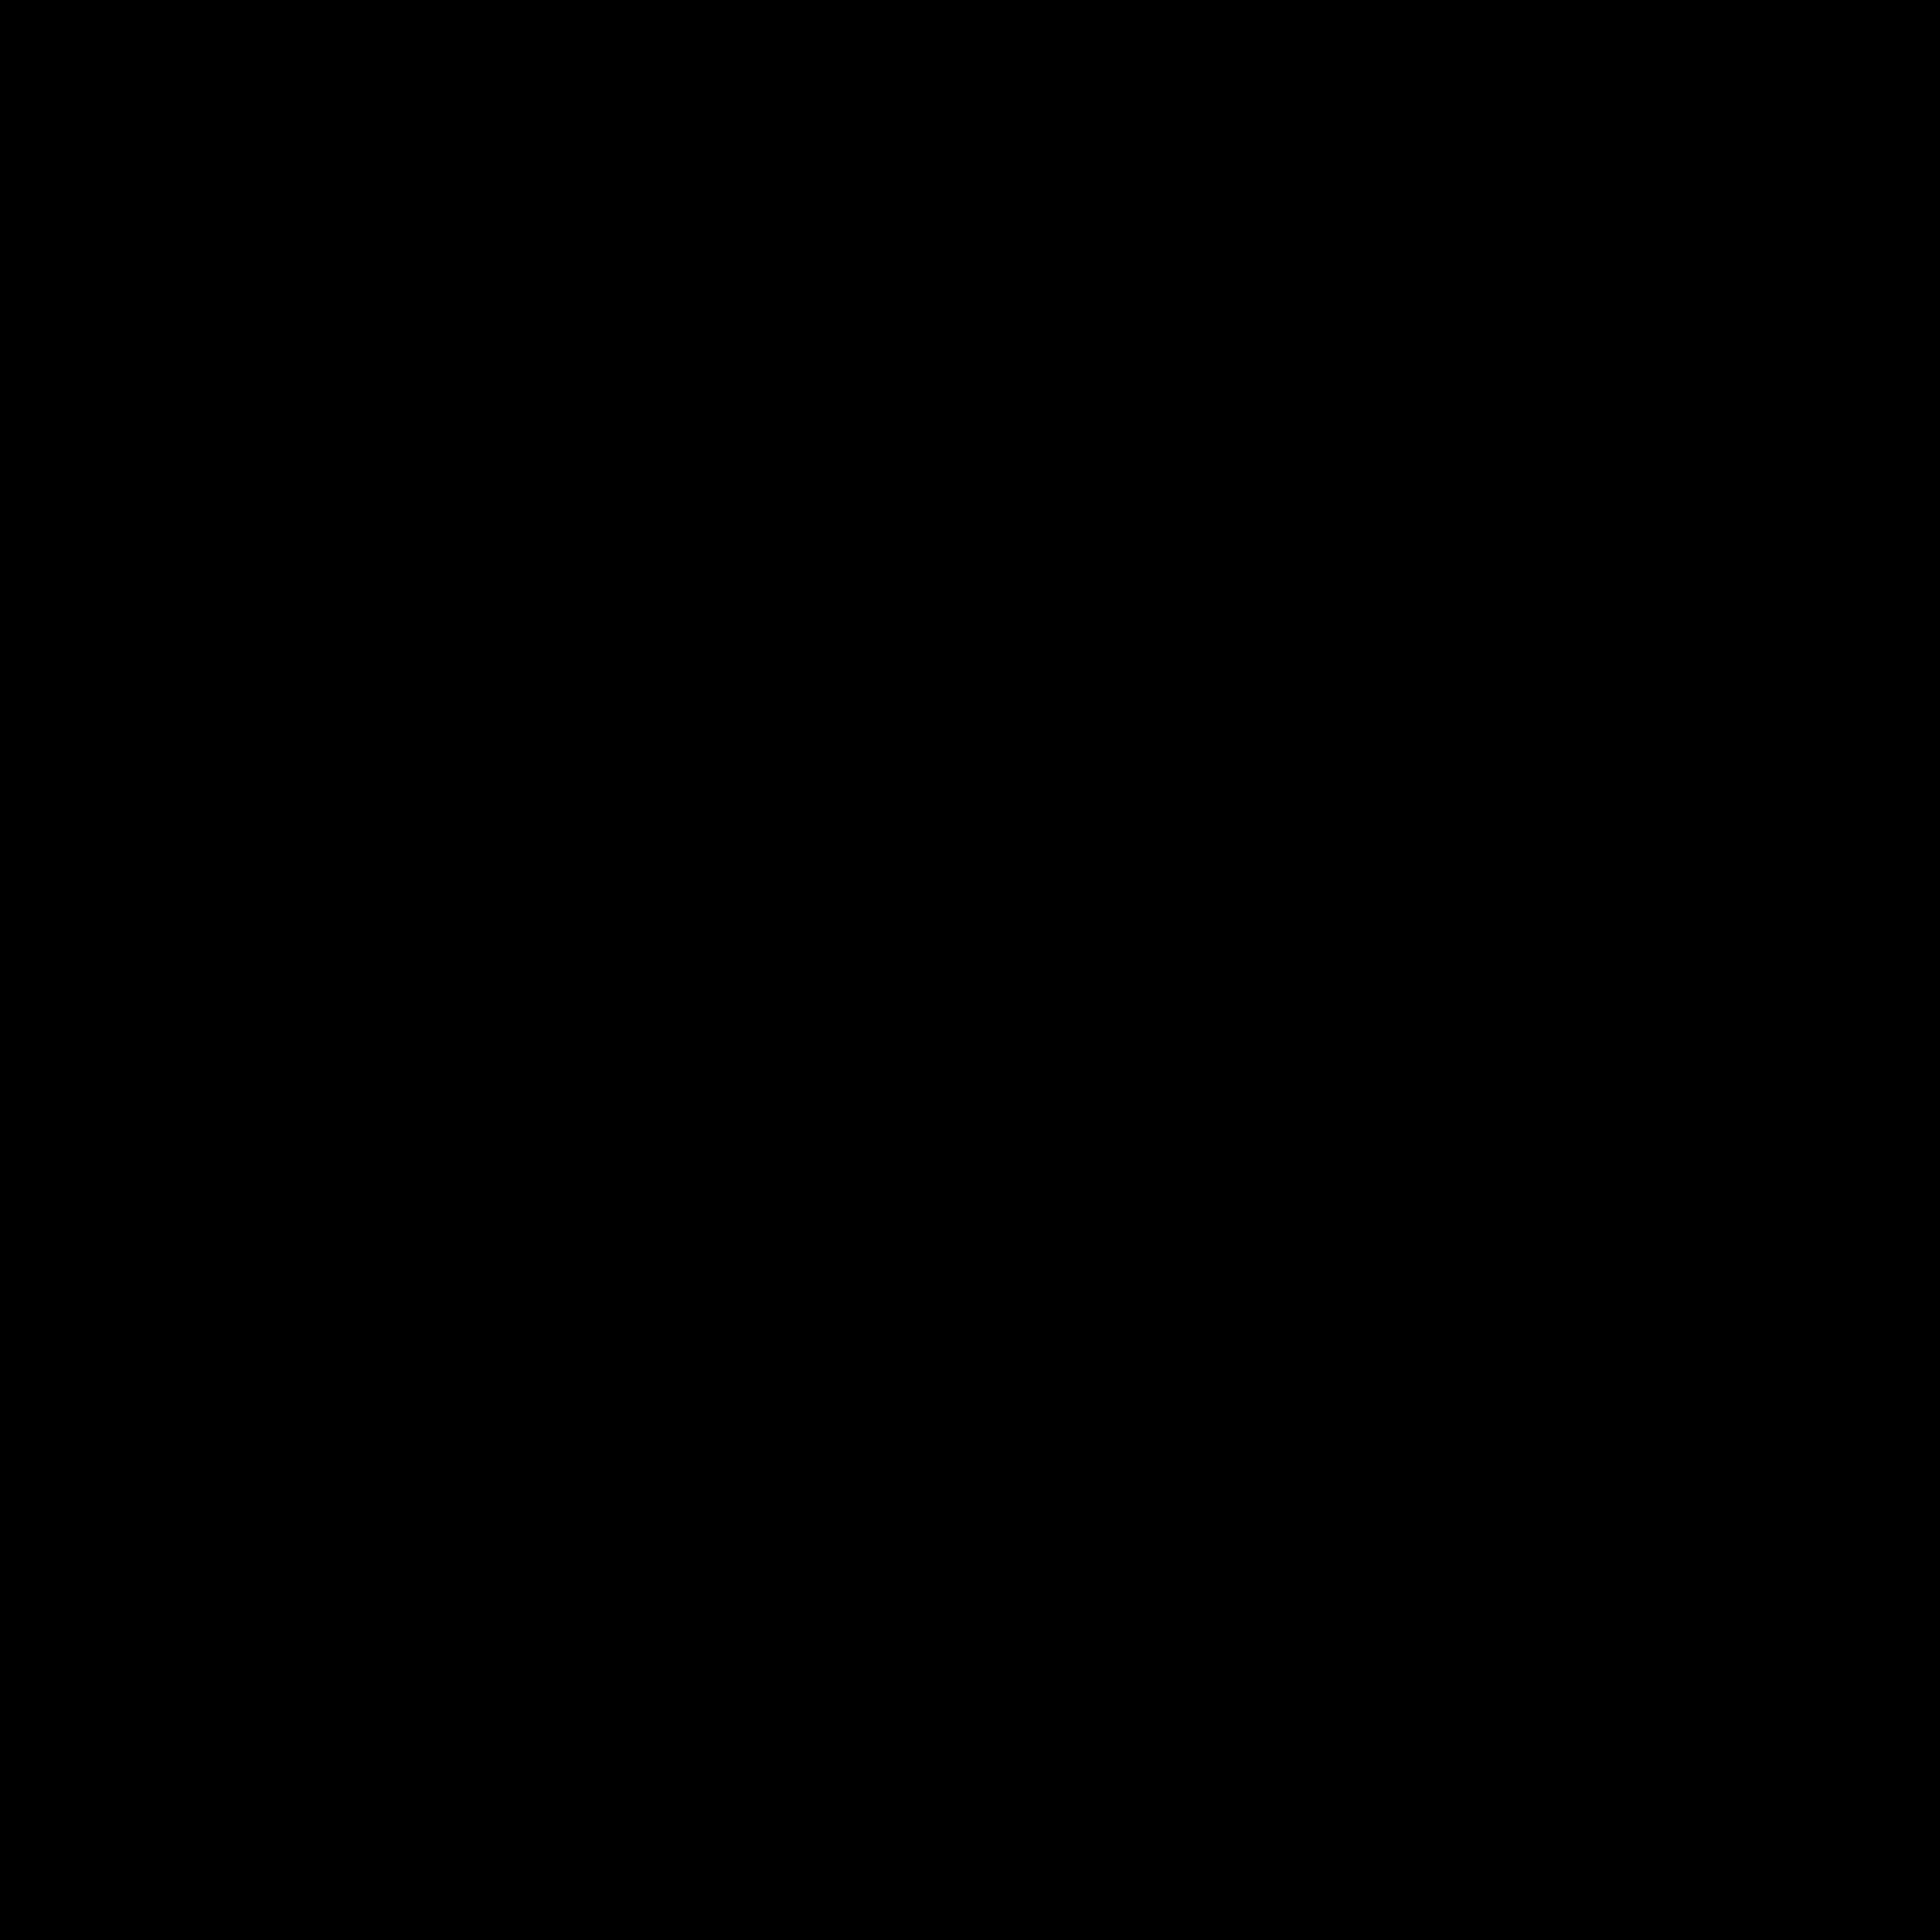 astraea asteroid orbit - photo #33